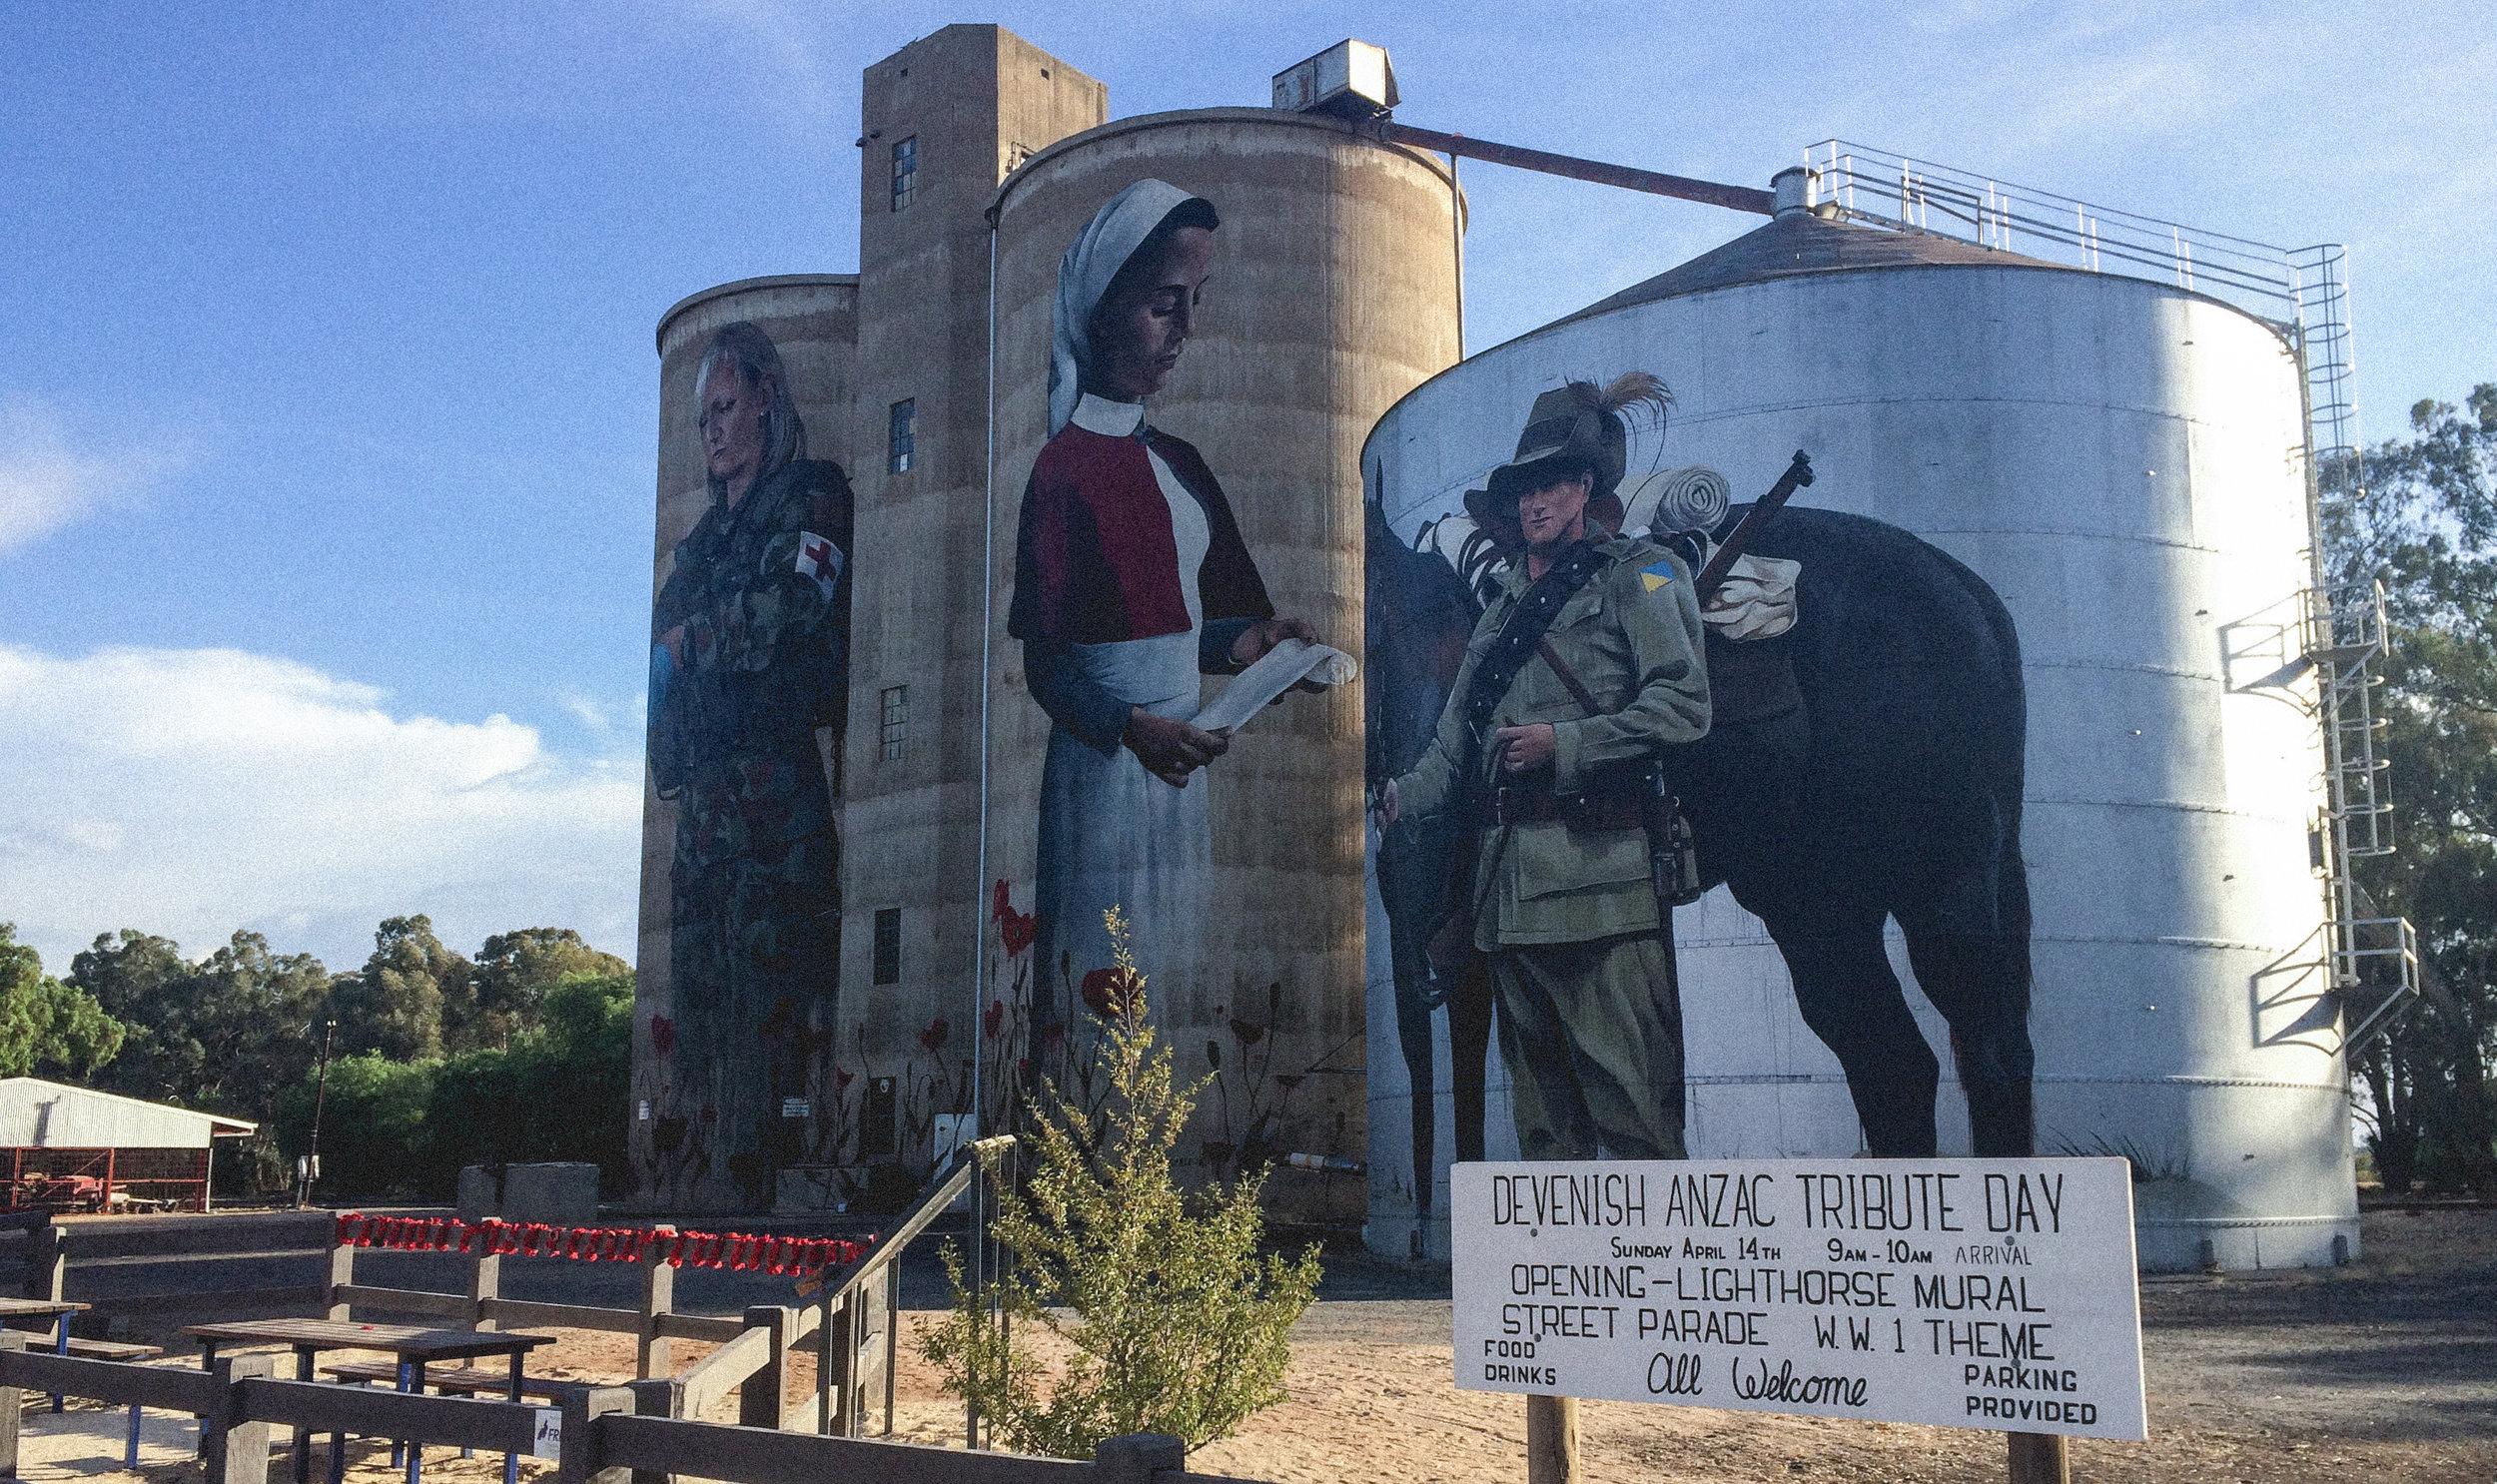 Anzac mural by artist Cam Scale (GrainCorp Devenish silo)